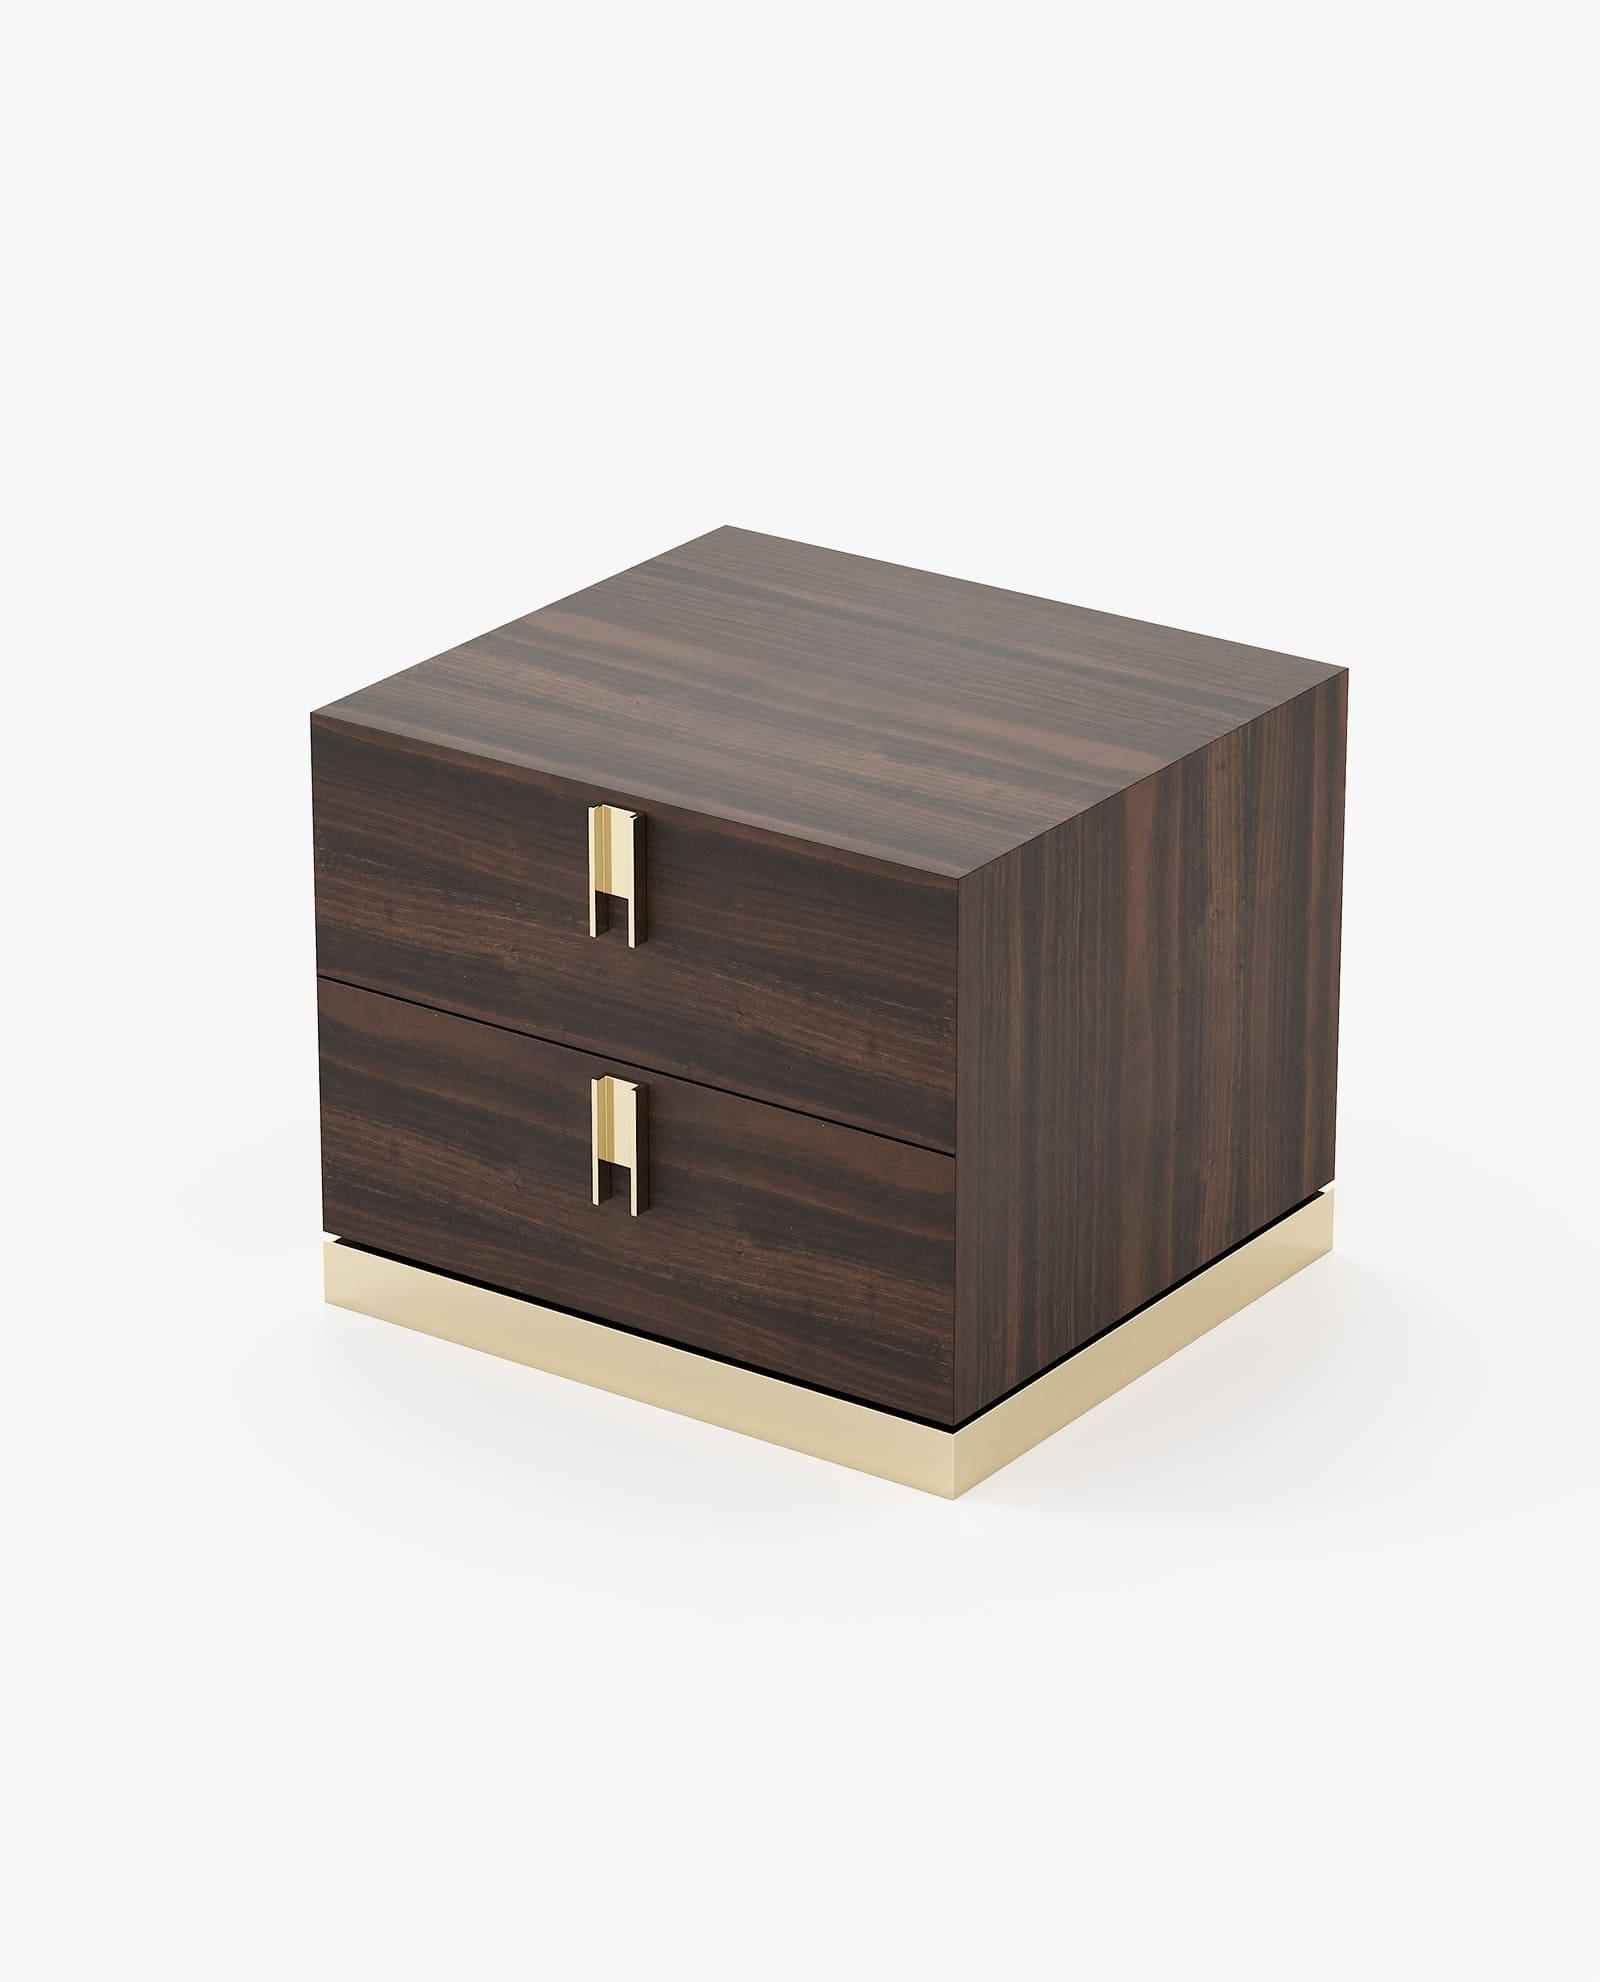 mesa de cabeceira moderna com detalhe em inox dourado